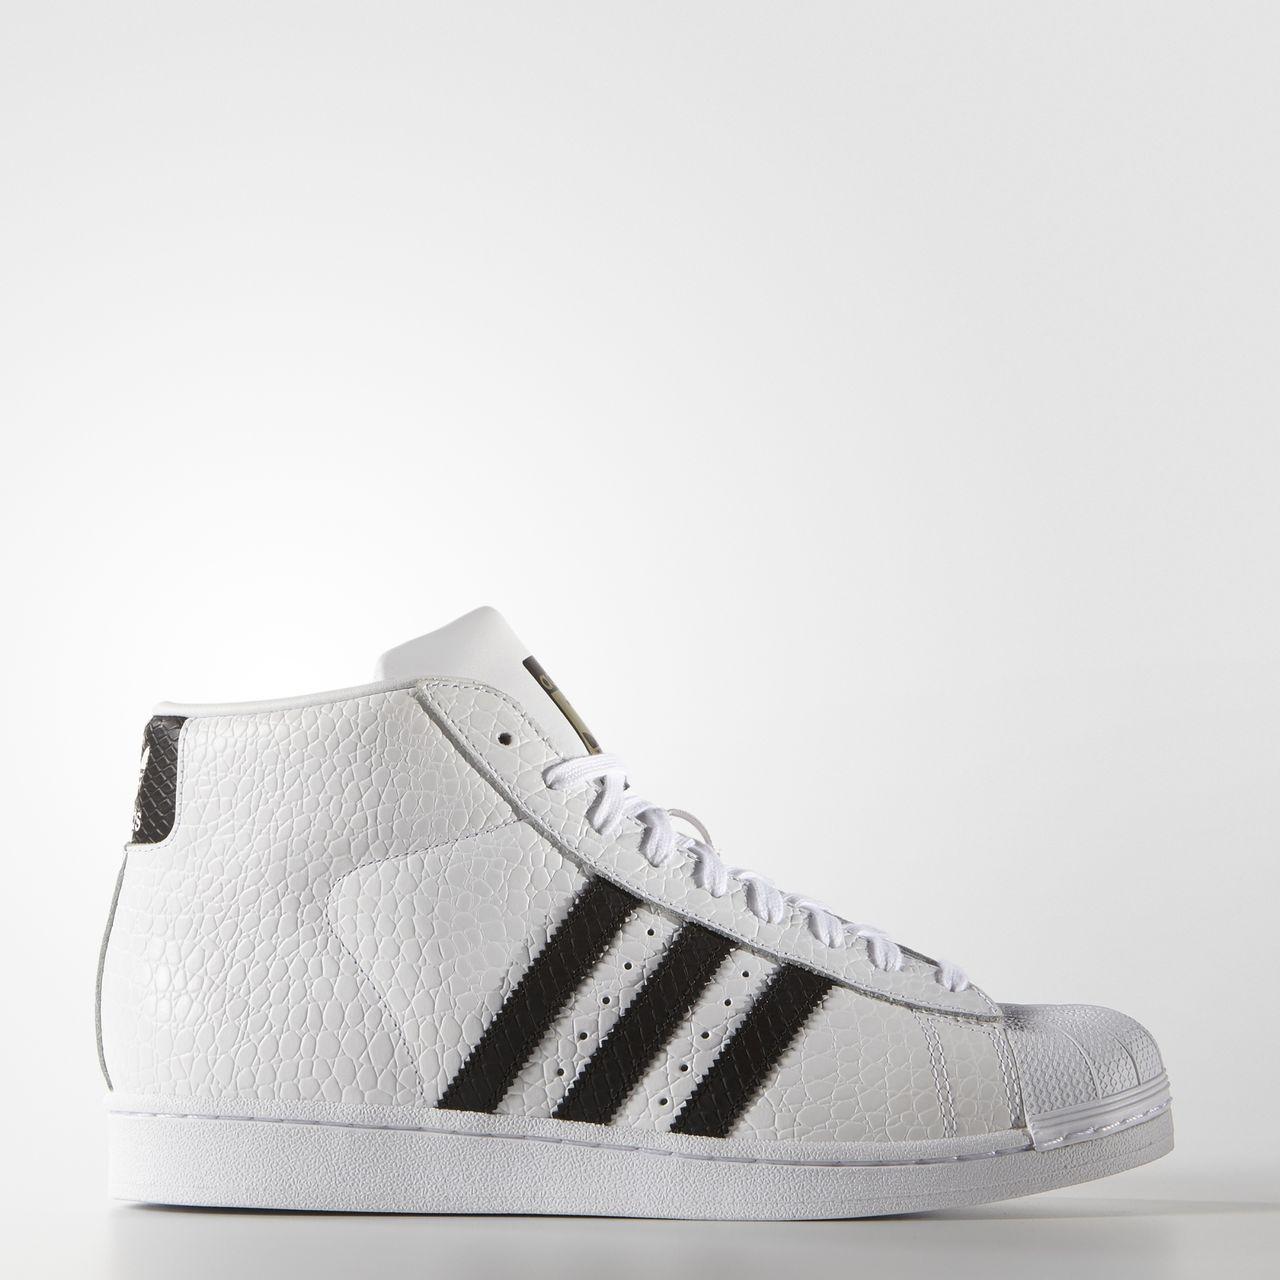 adidas Pro Model Animal Shoes | Zapas